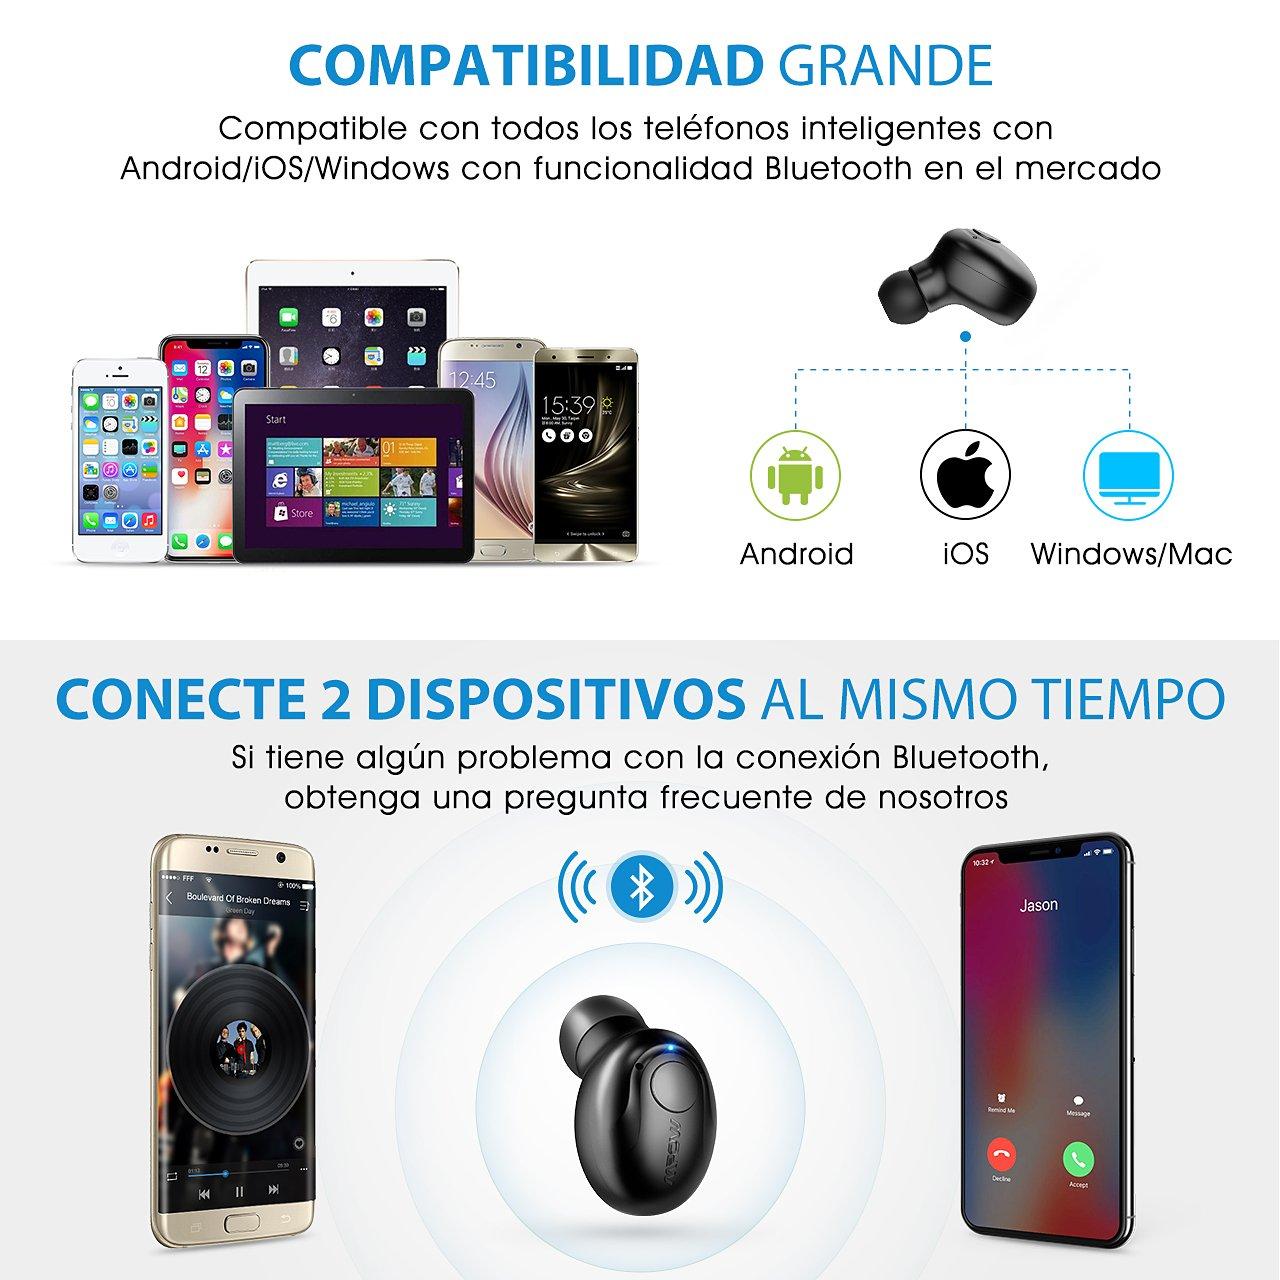 Negro Samsung Huawei Auriculares Inalambricos Bluetooth 【 Dos USB Magn/éticos Cargadores,Auriculares Bluetooth Invisibles con Microfono Incorporado para iPhone Mpow Mini Auricular Bluetooth V4.1